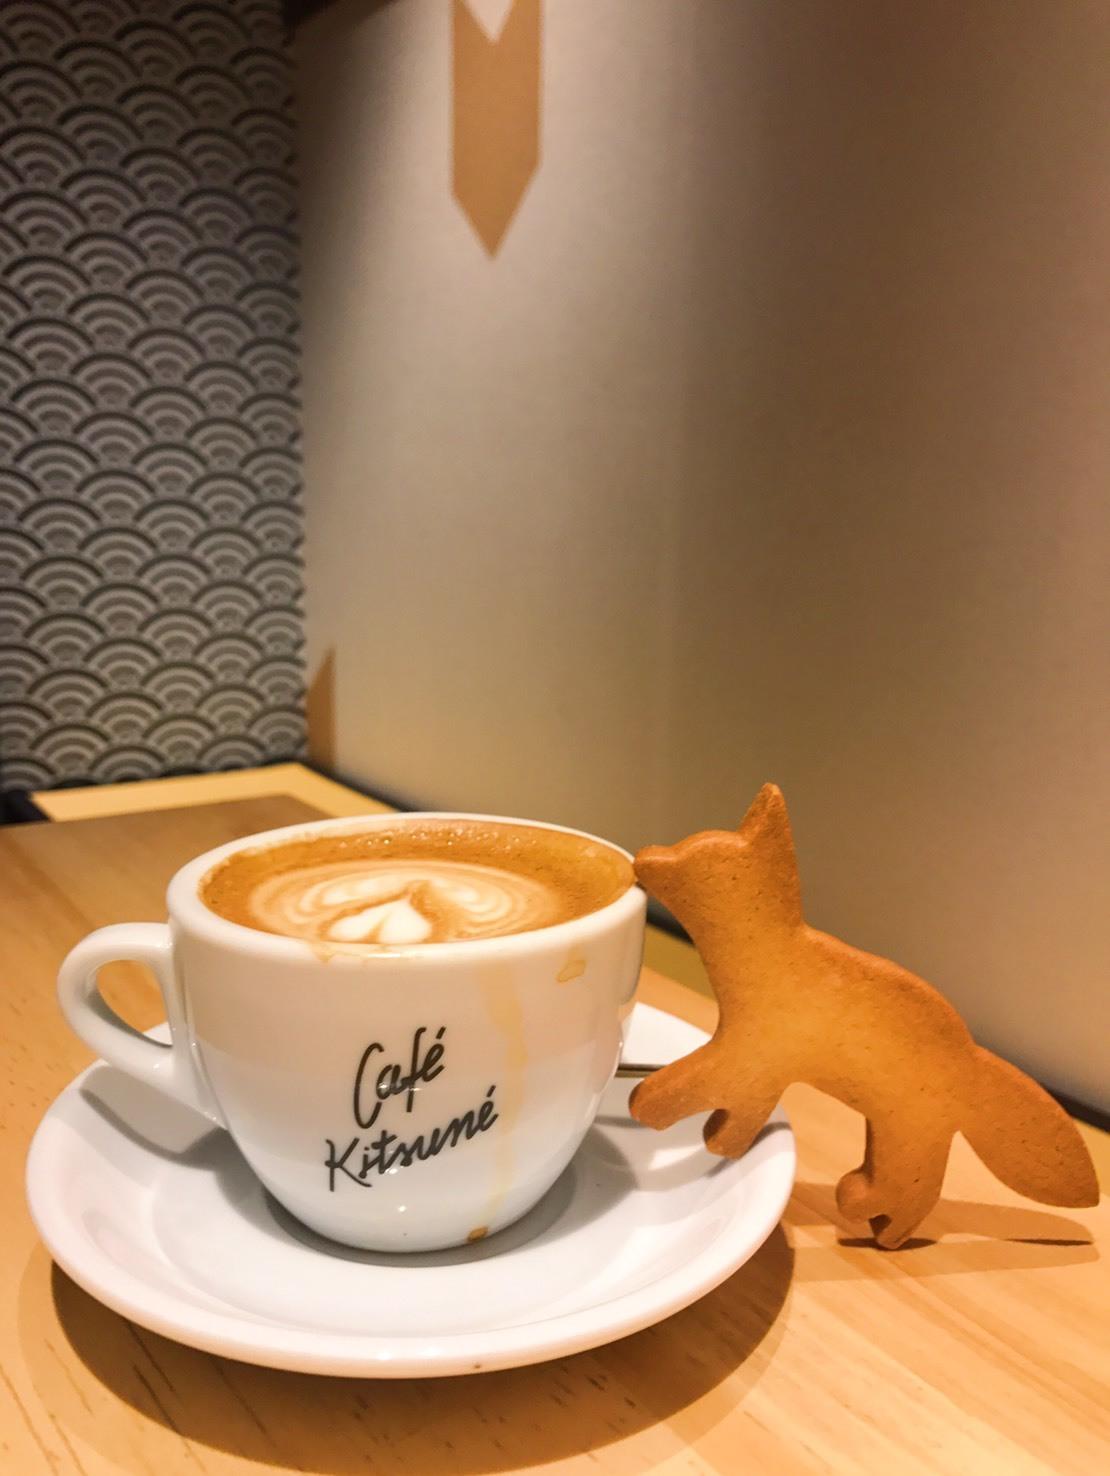 Cafe KITSUNE_1_4